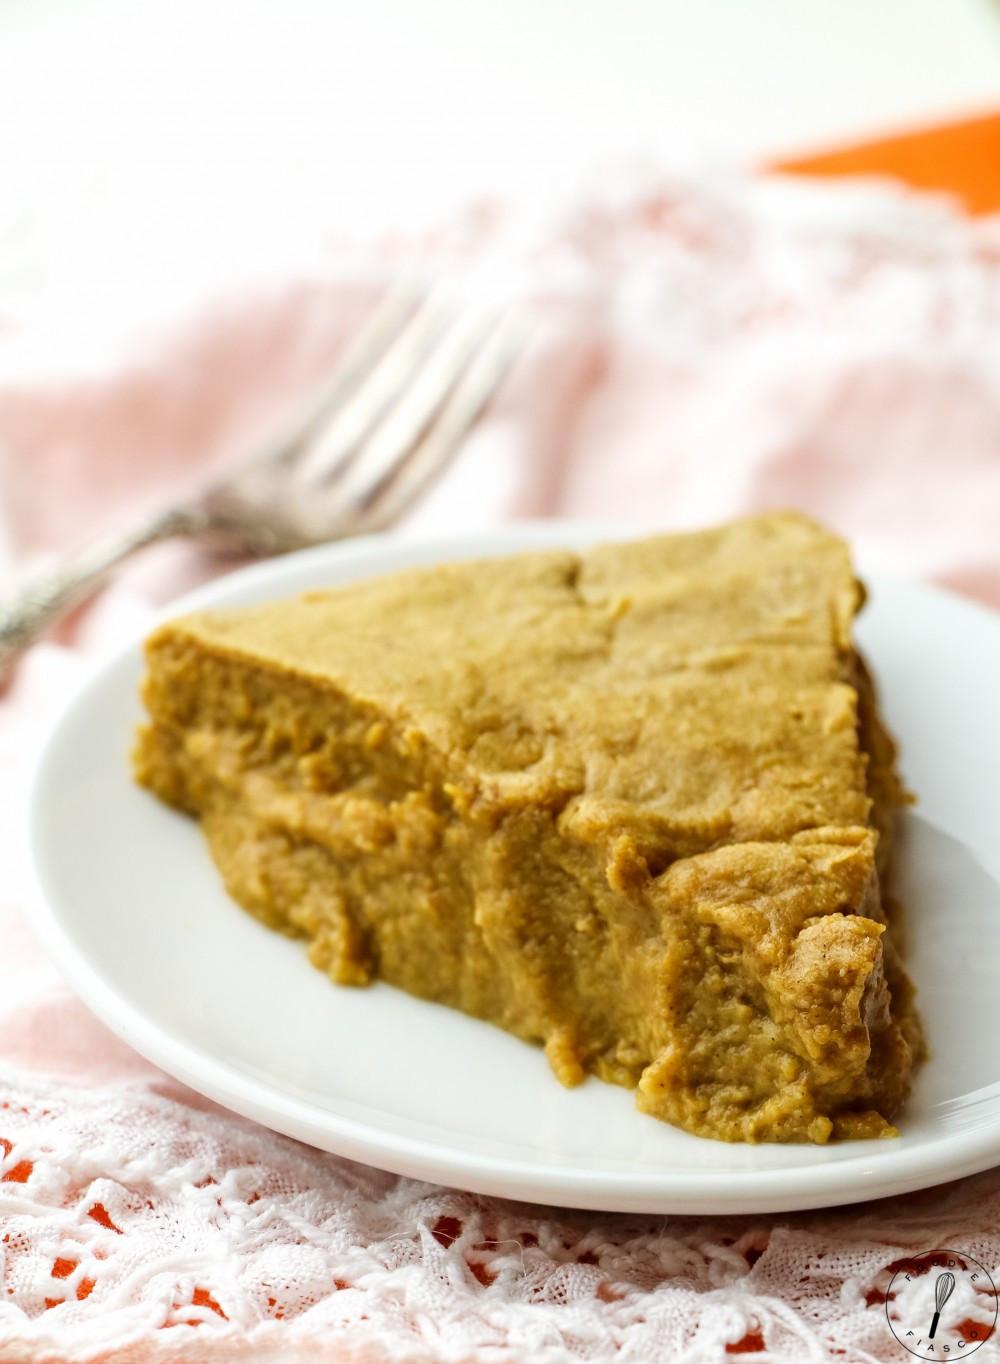 Low Calorie Crustless Pumpkin Pie  Low Calorie Crustless Pumpkin Pie